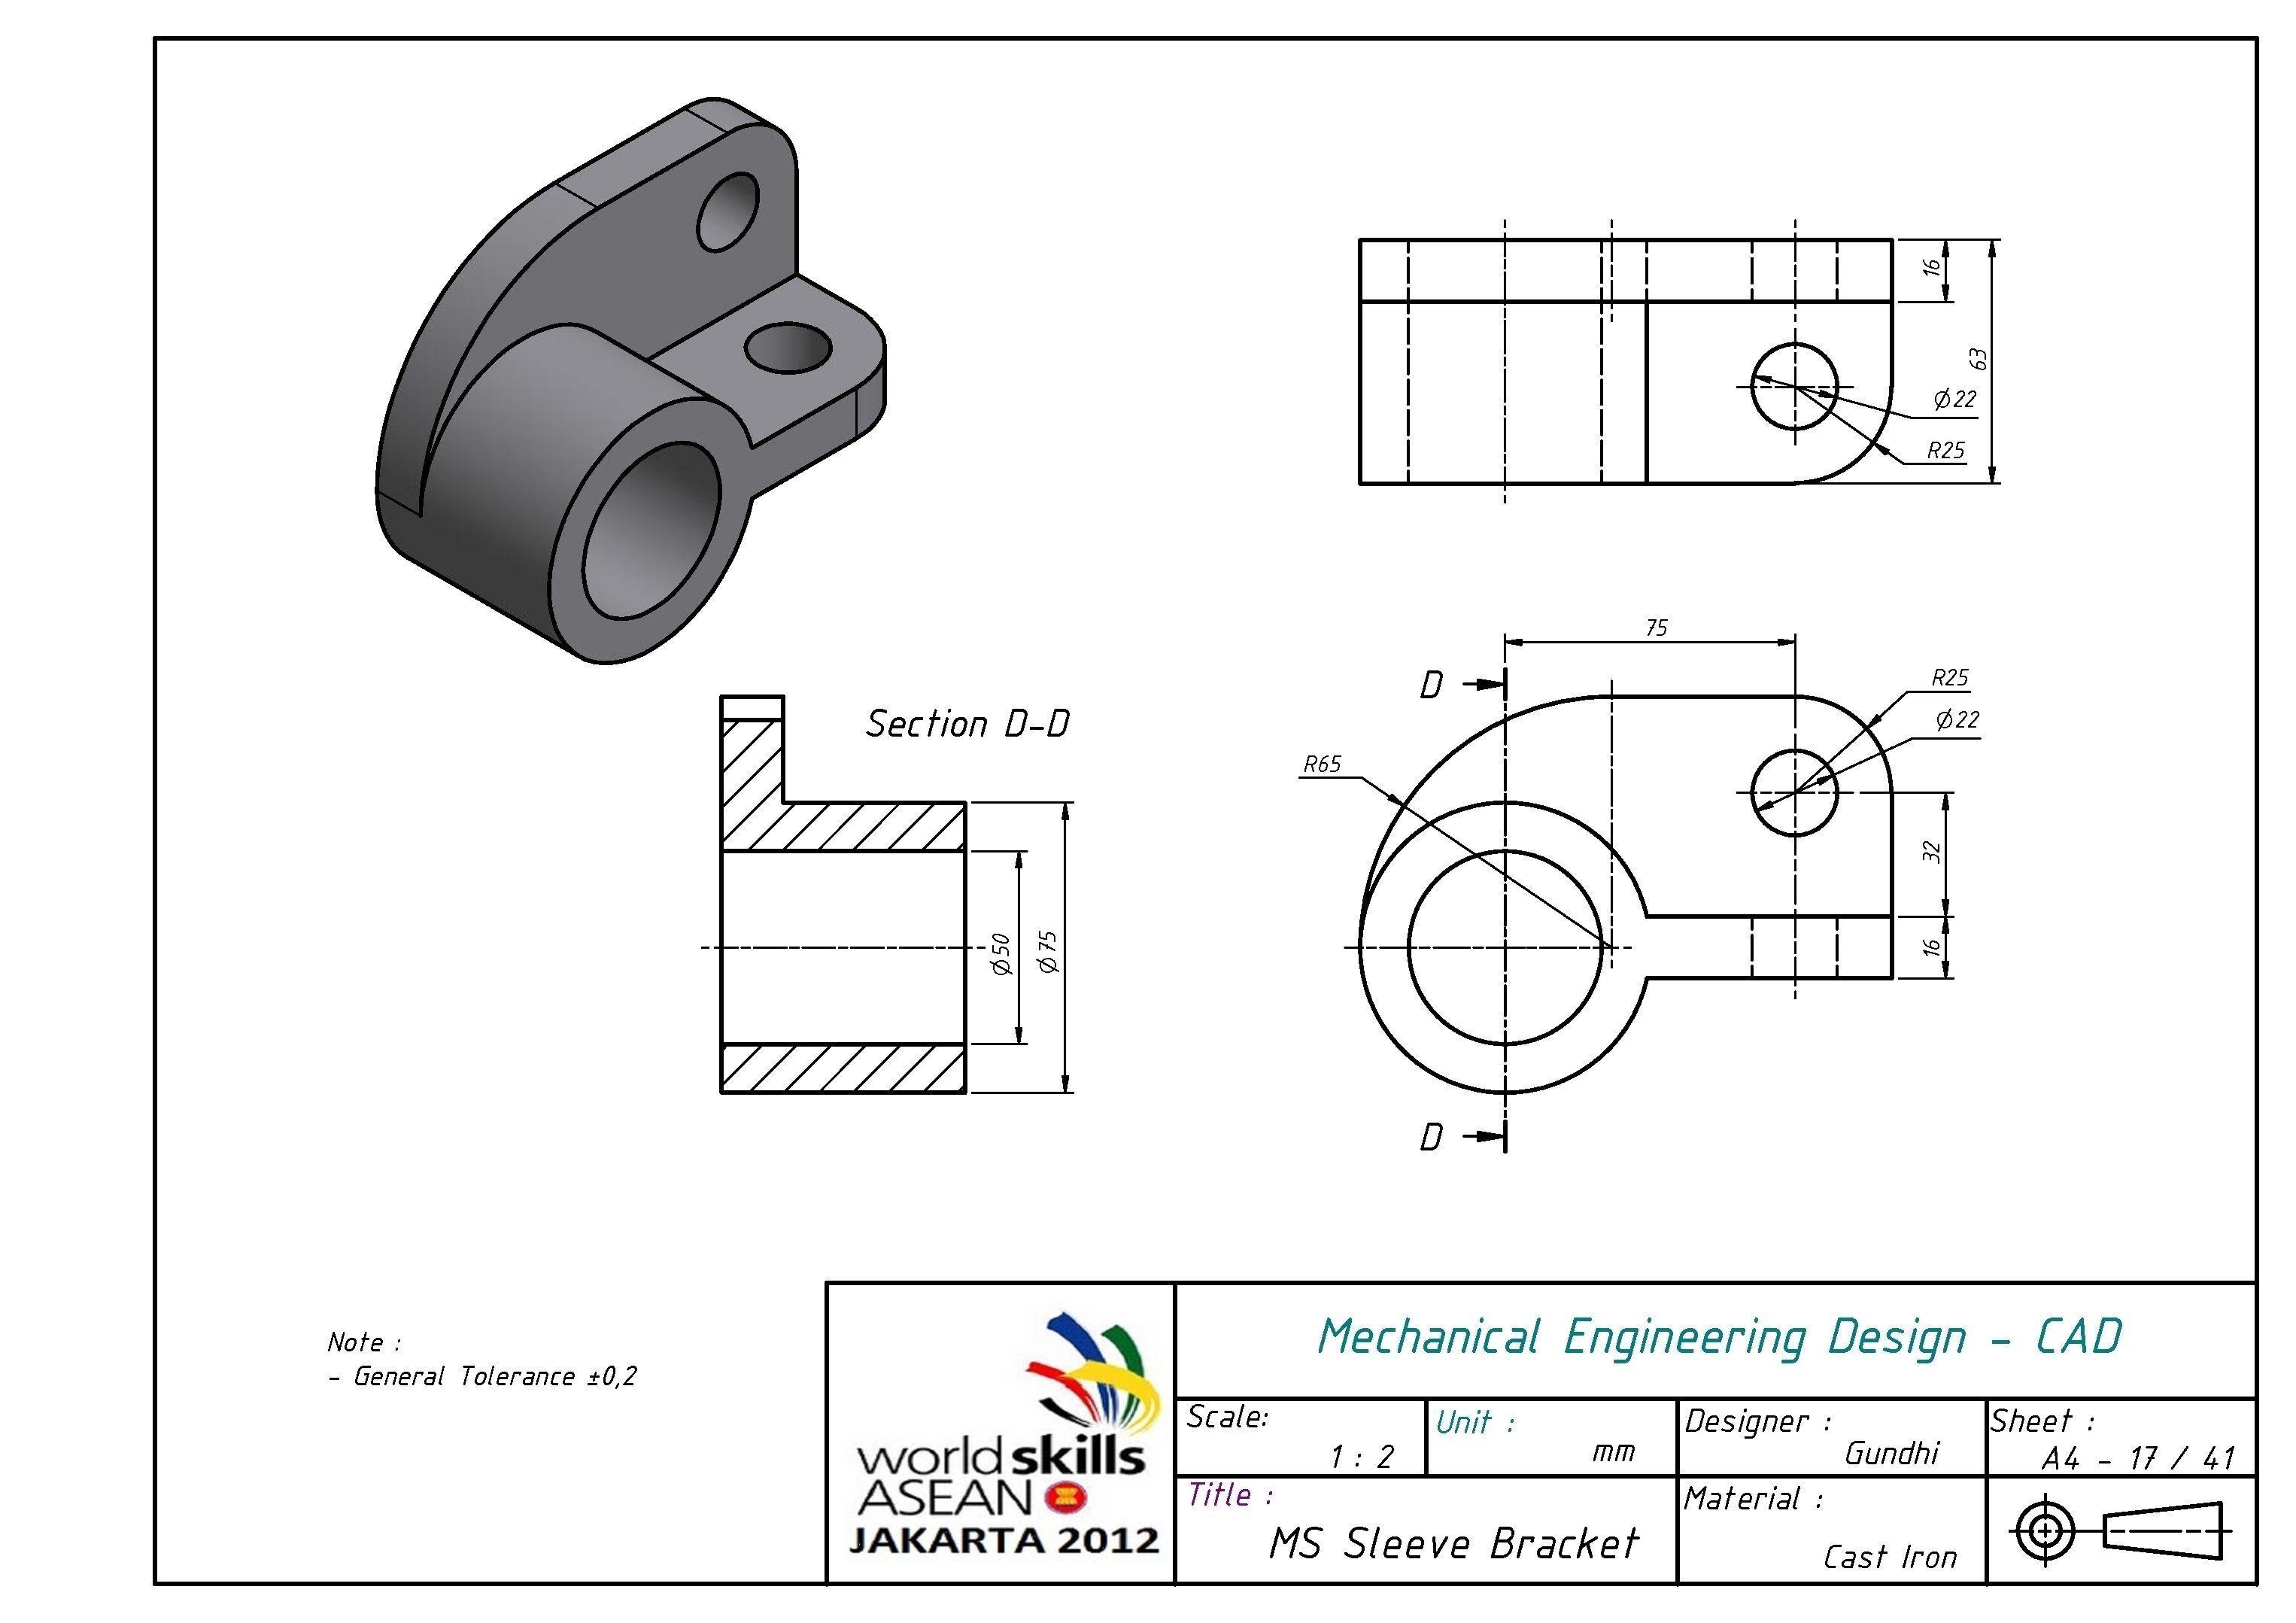 Autodesk Autocad Plant 3d Manual